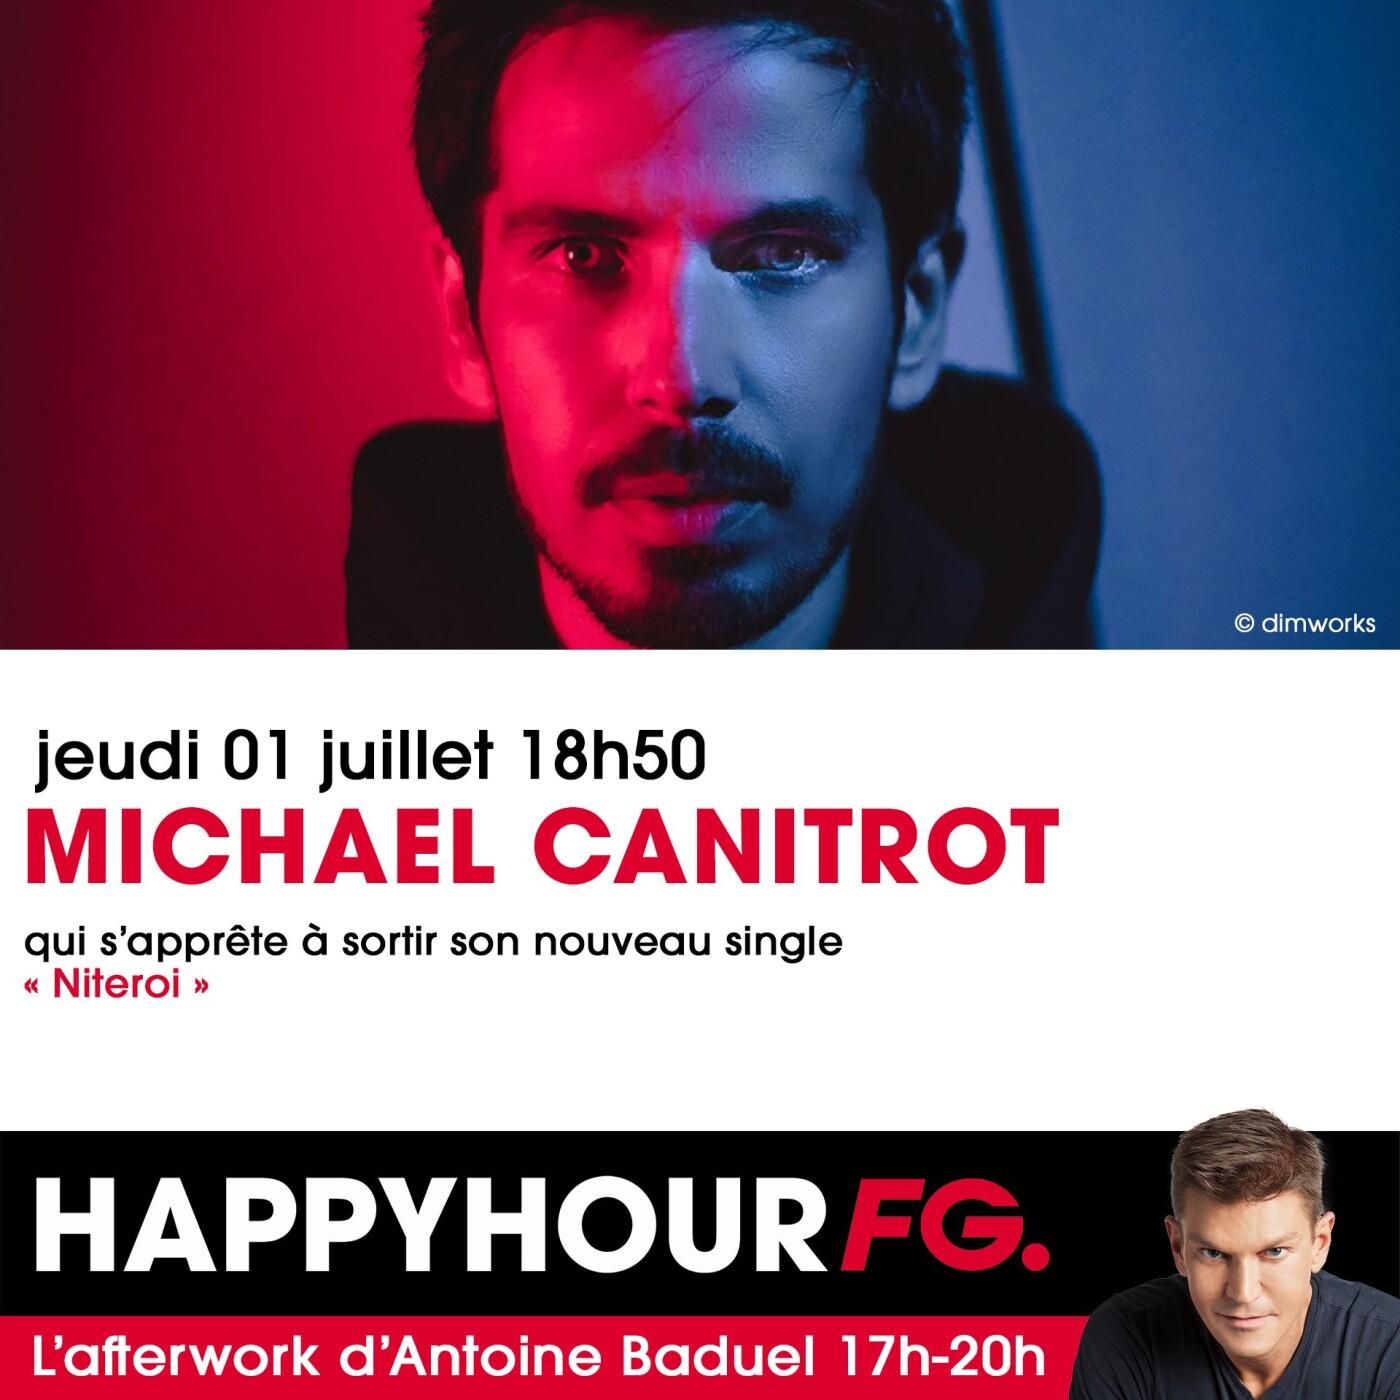 L'INTERVIEW DE MICHAEL CANITR DANS L'HAPPY HOUR FG